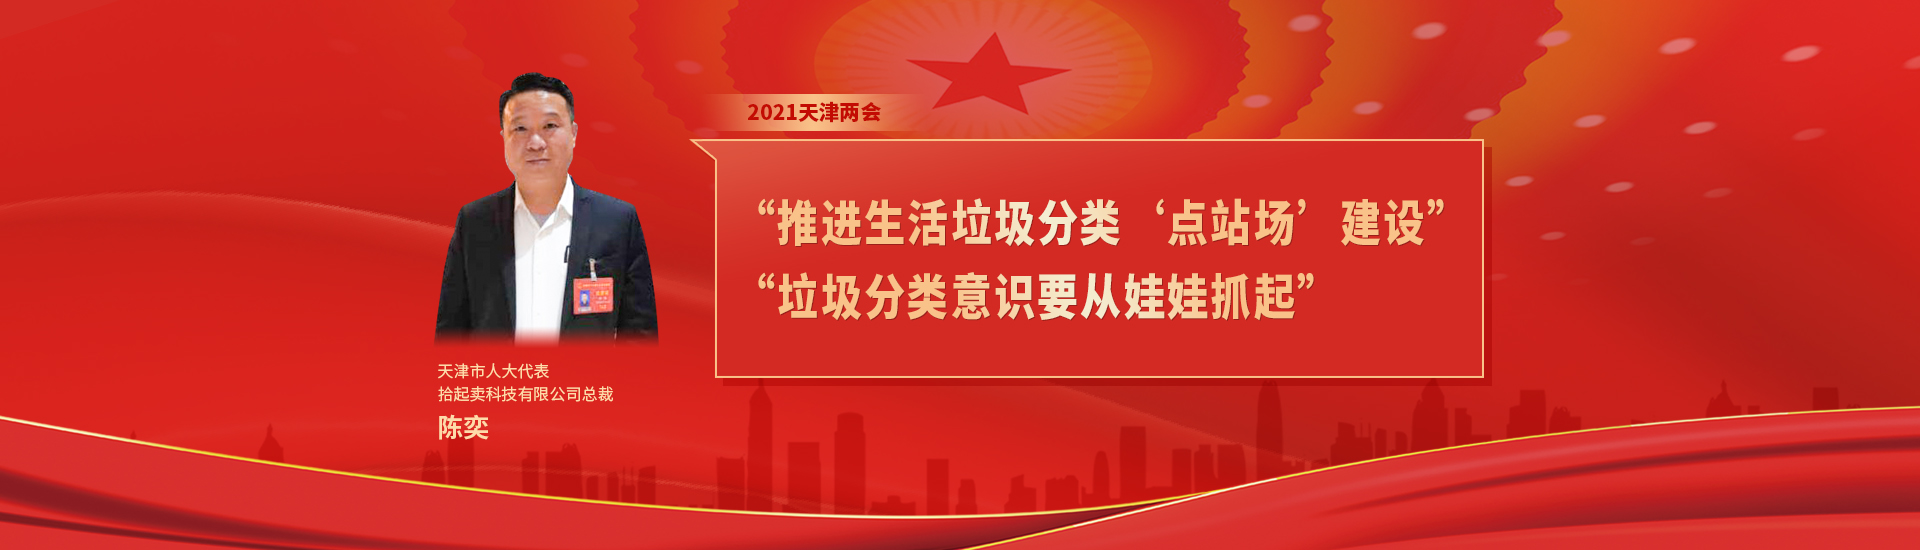 天津市人大代表陈奕:推动垃圾分类建设 分类意识从娃娃抓起